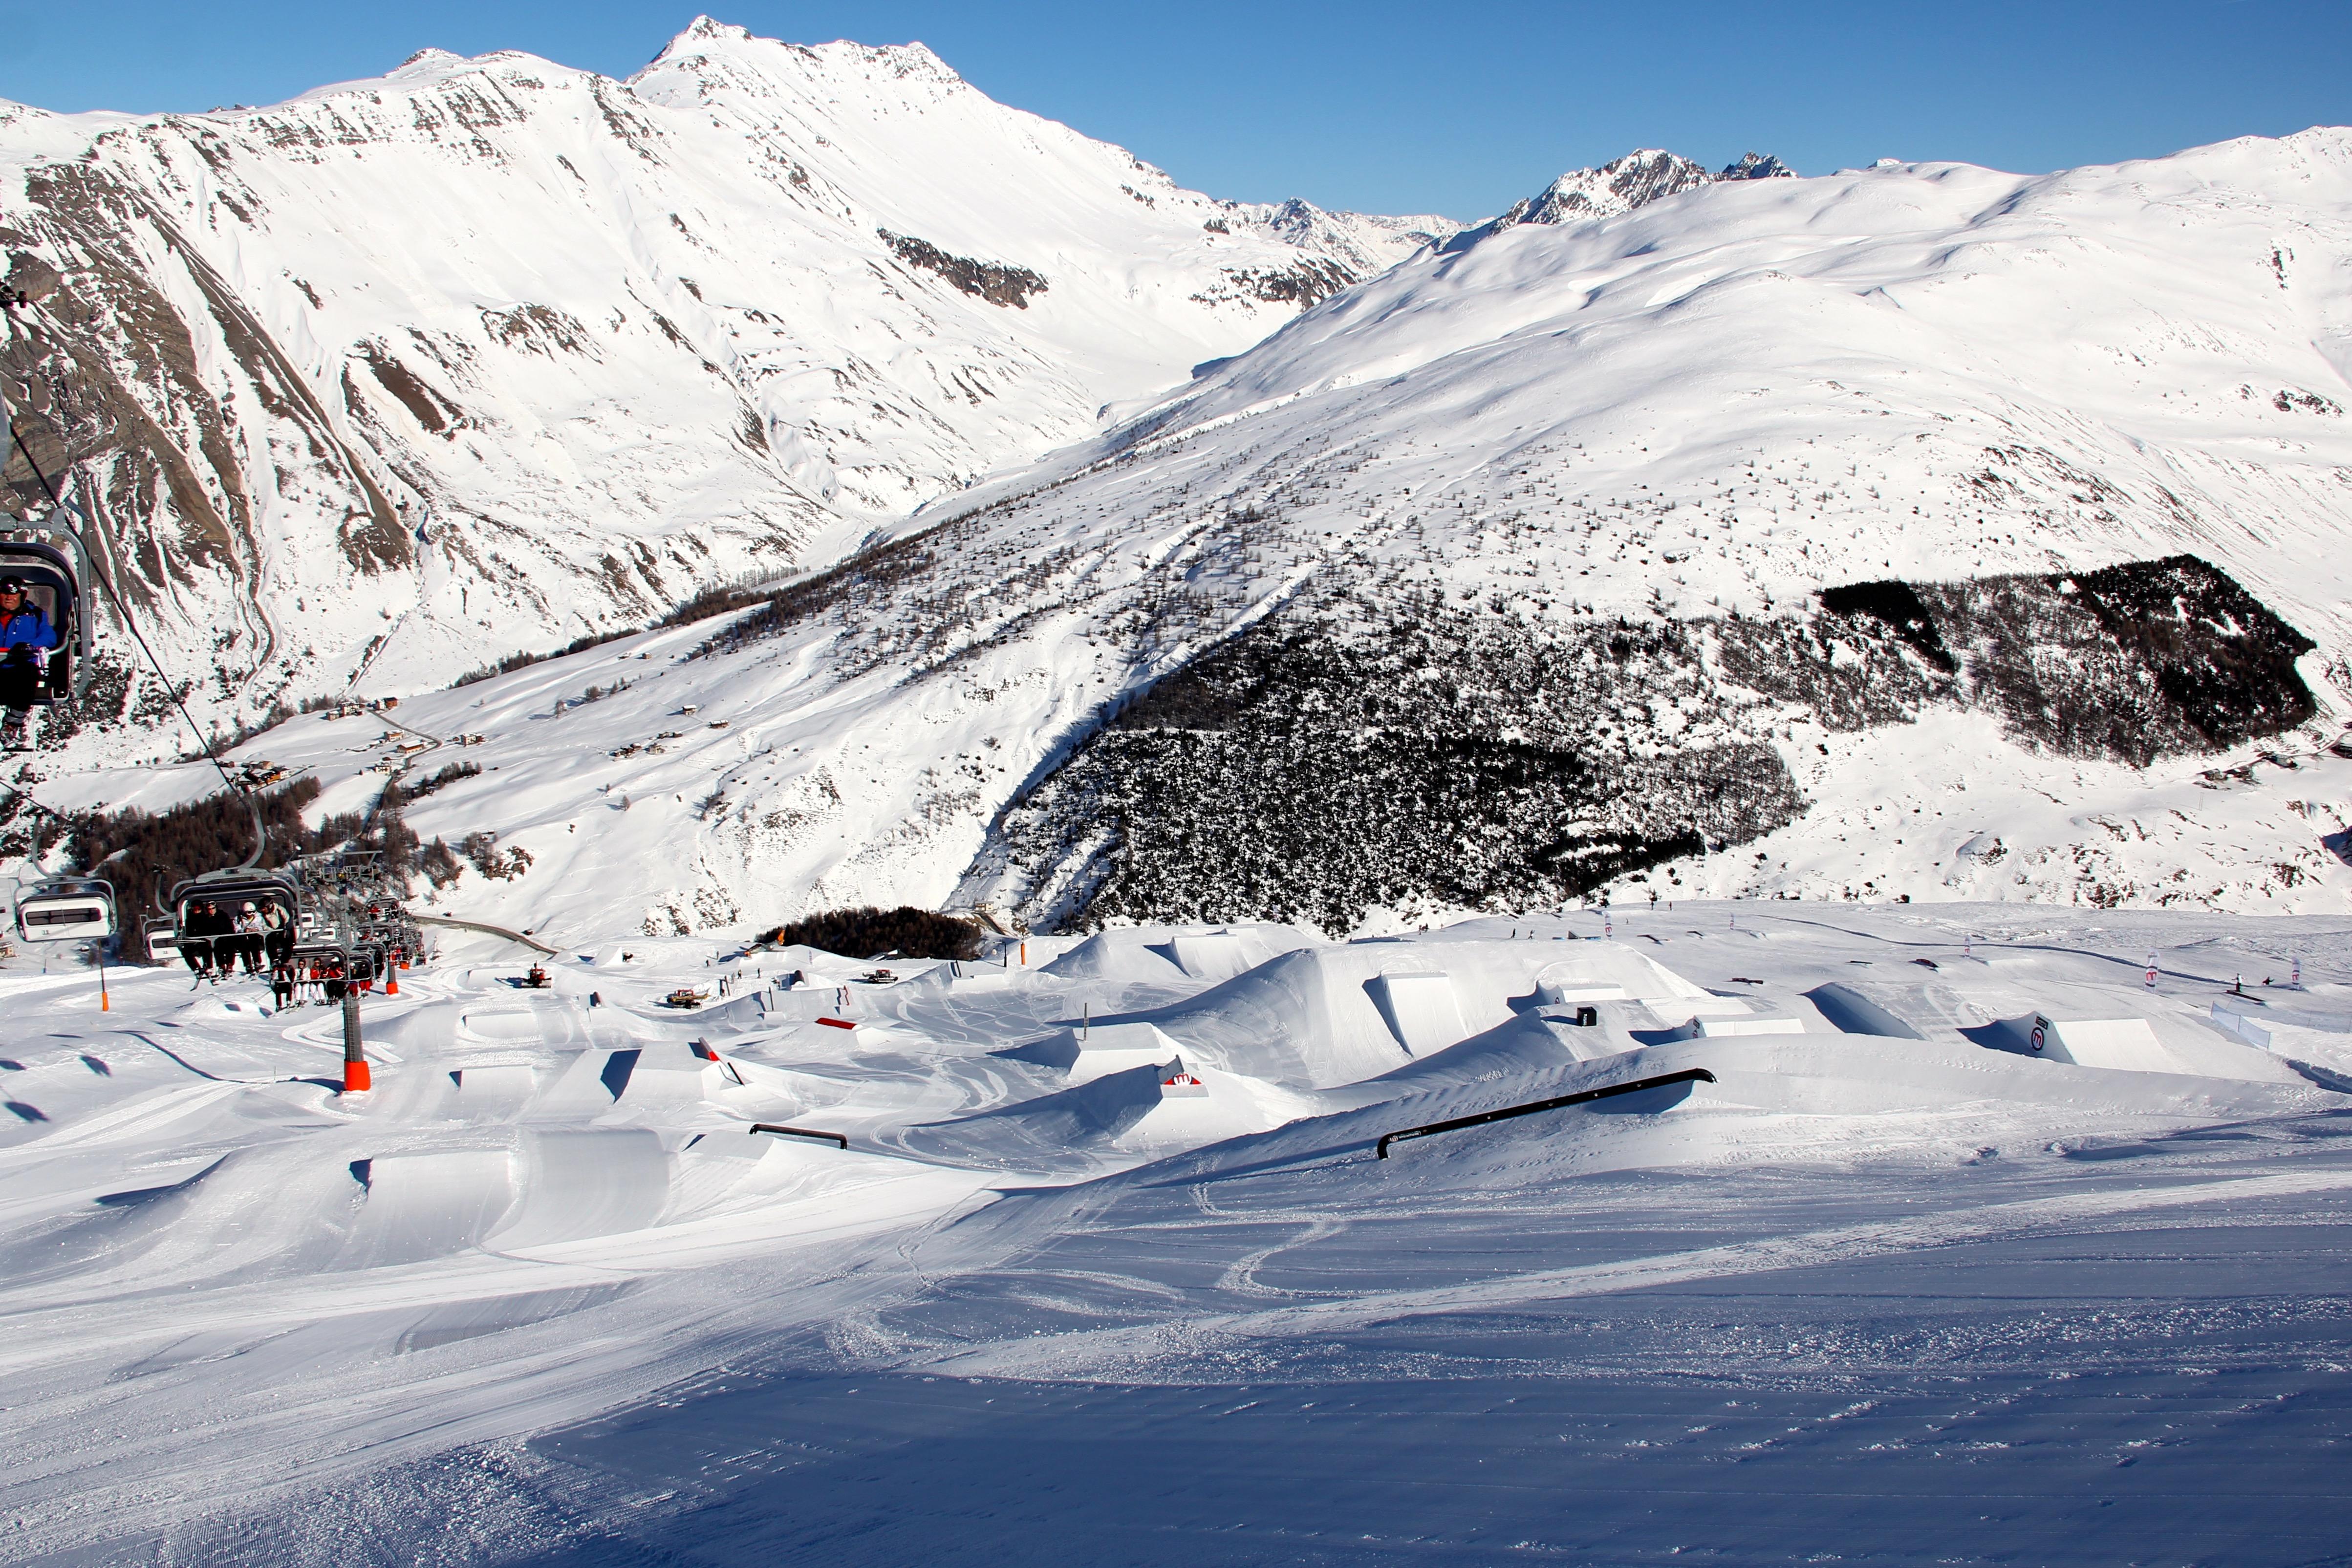 Le piste del Mottolino incorniciate nelle Alpi